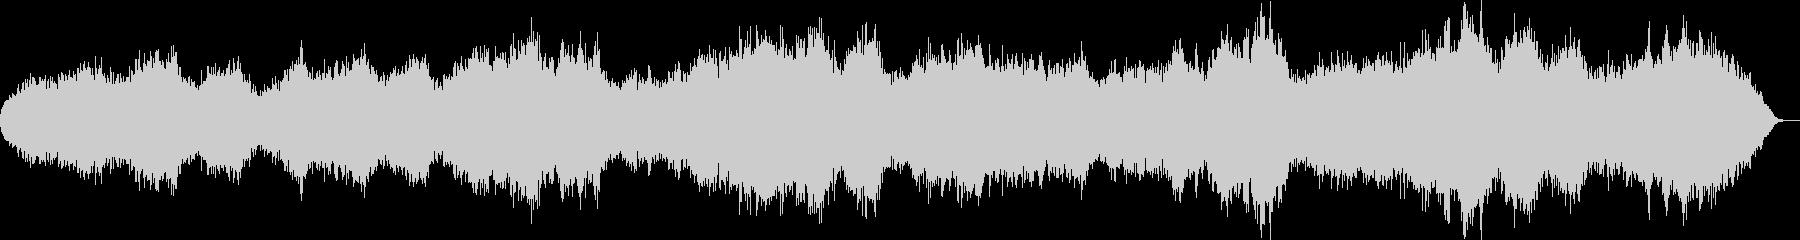 シンセで弾いた落葉のイメージの未再生の波形